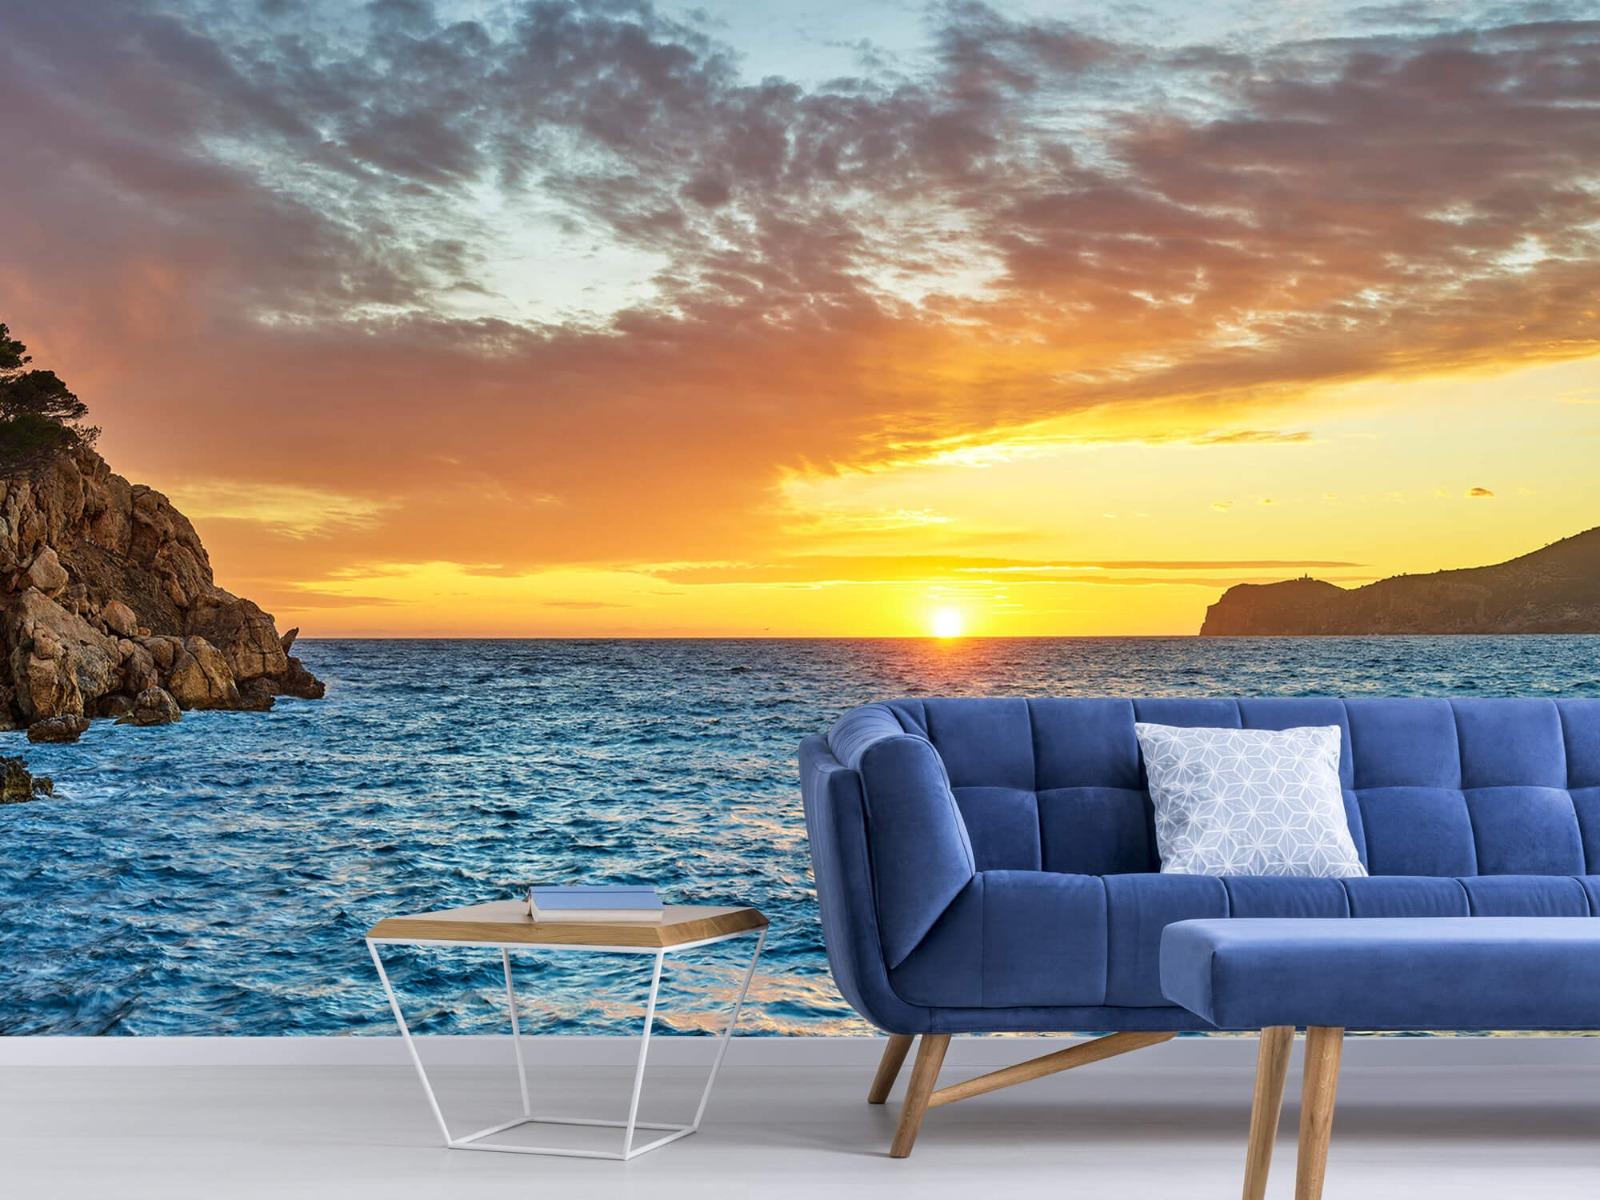 Zon - Zonsondergang op een eiland - Slaapkamer 5